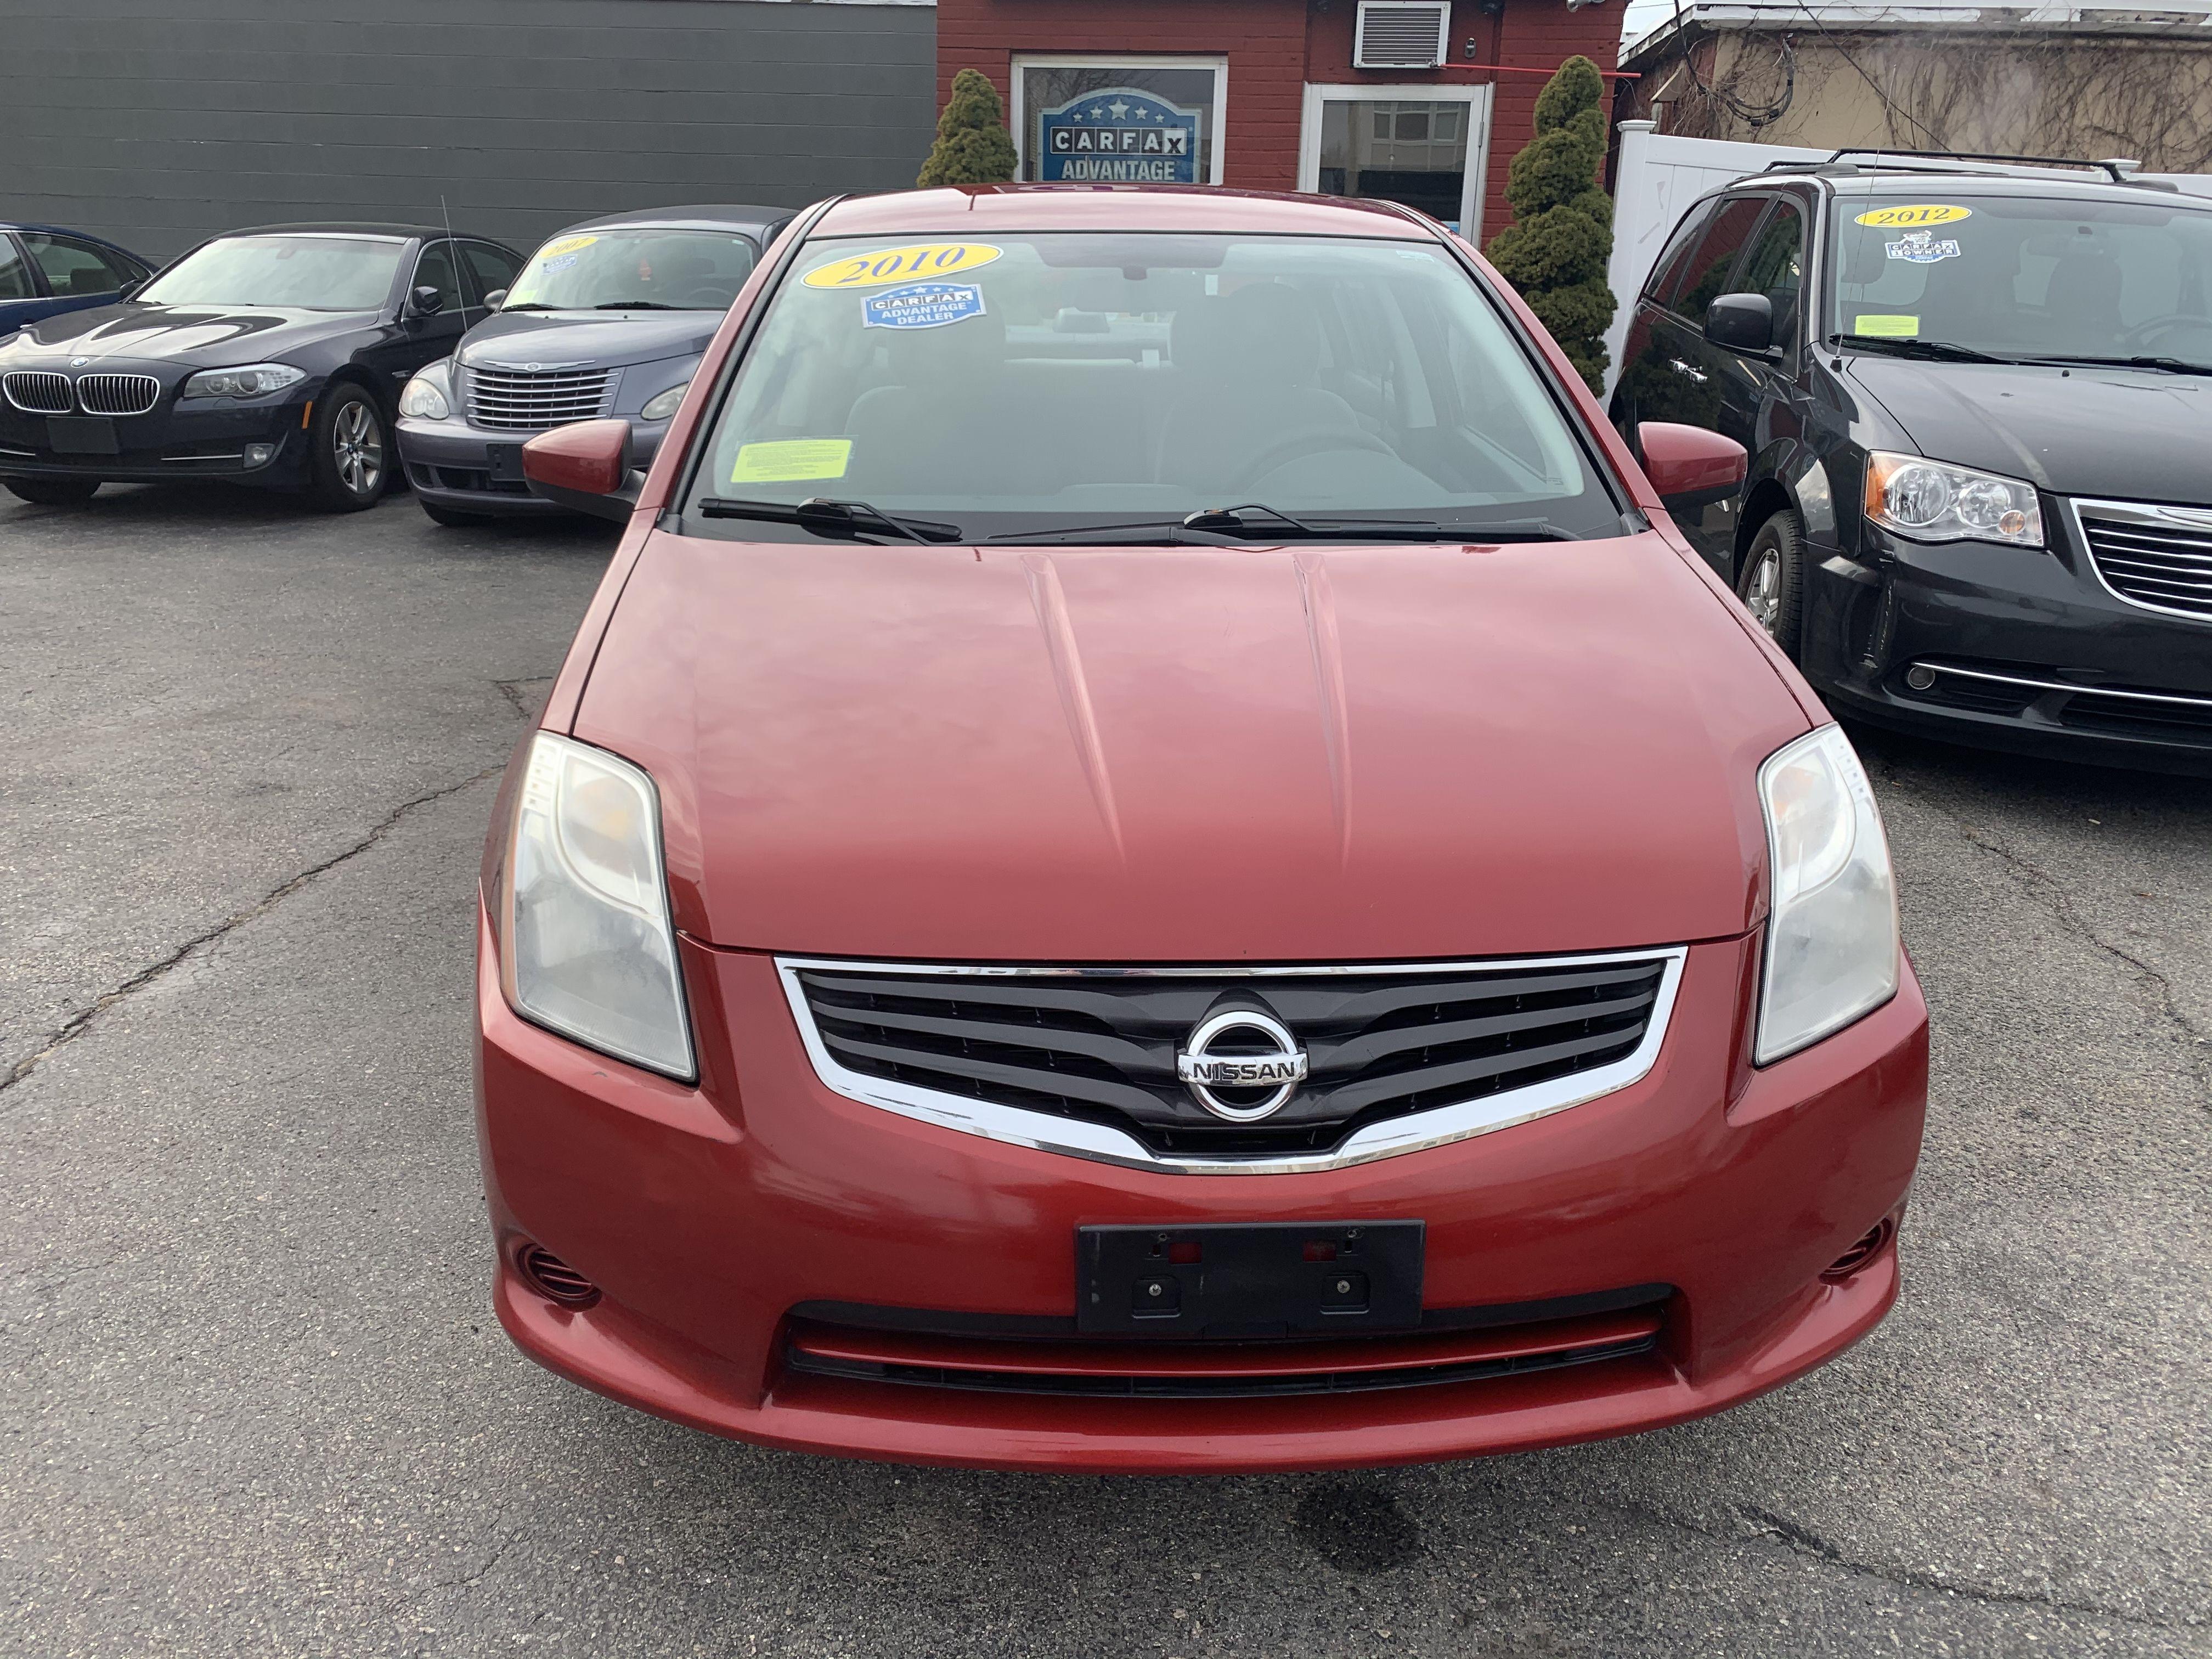 2010 Nissan Sentra Car Dealer Used Car Dealer Buy Used Cars